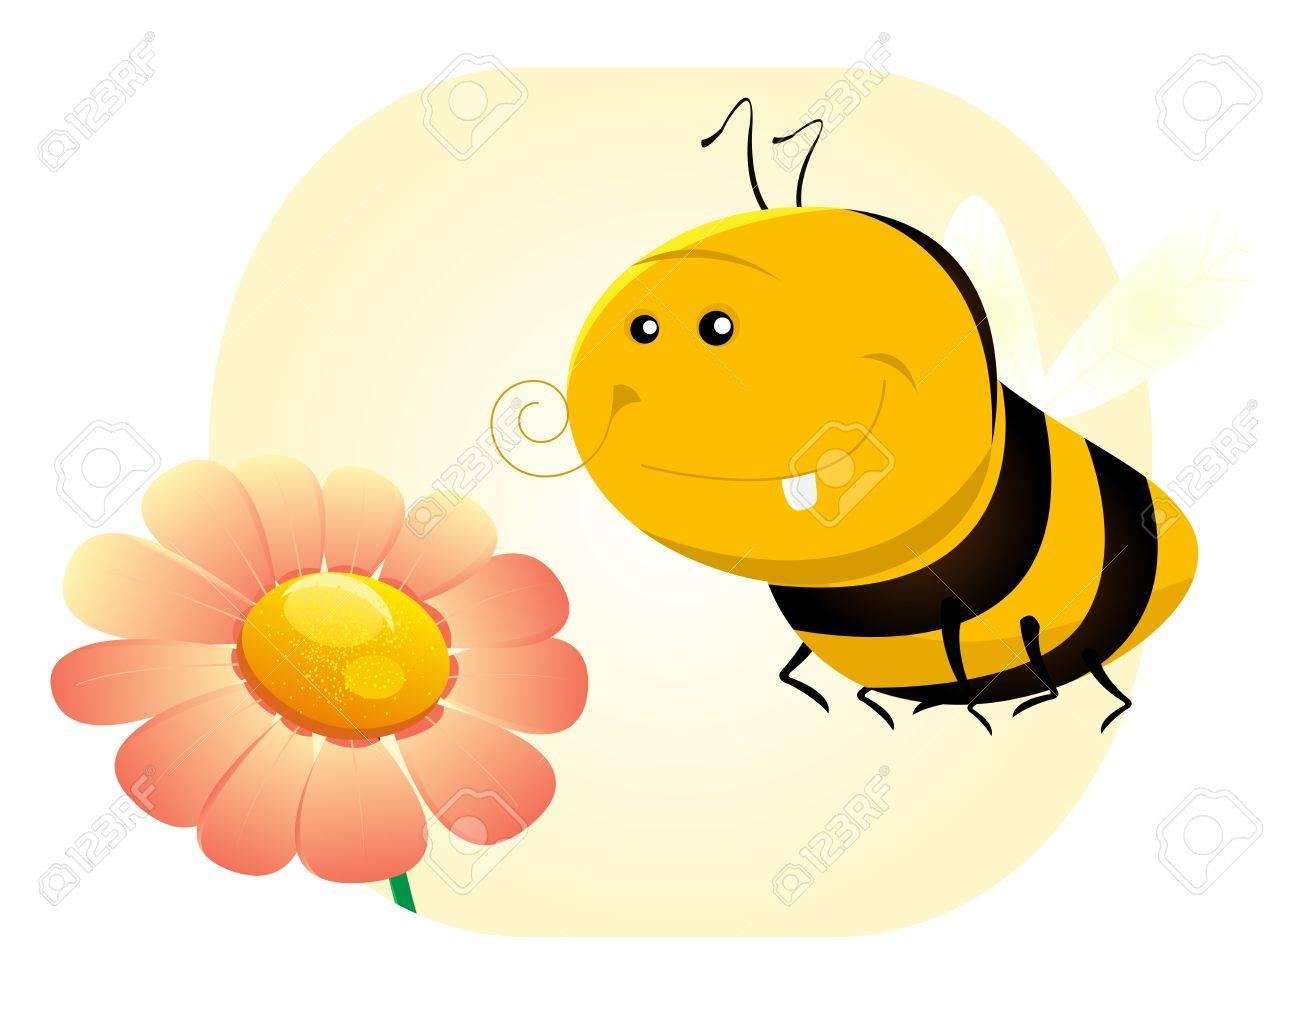 bee venom images u0026 stock pictures royalty free bee venom photos